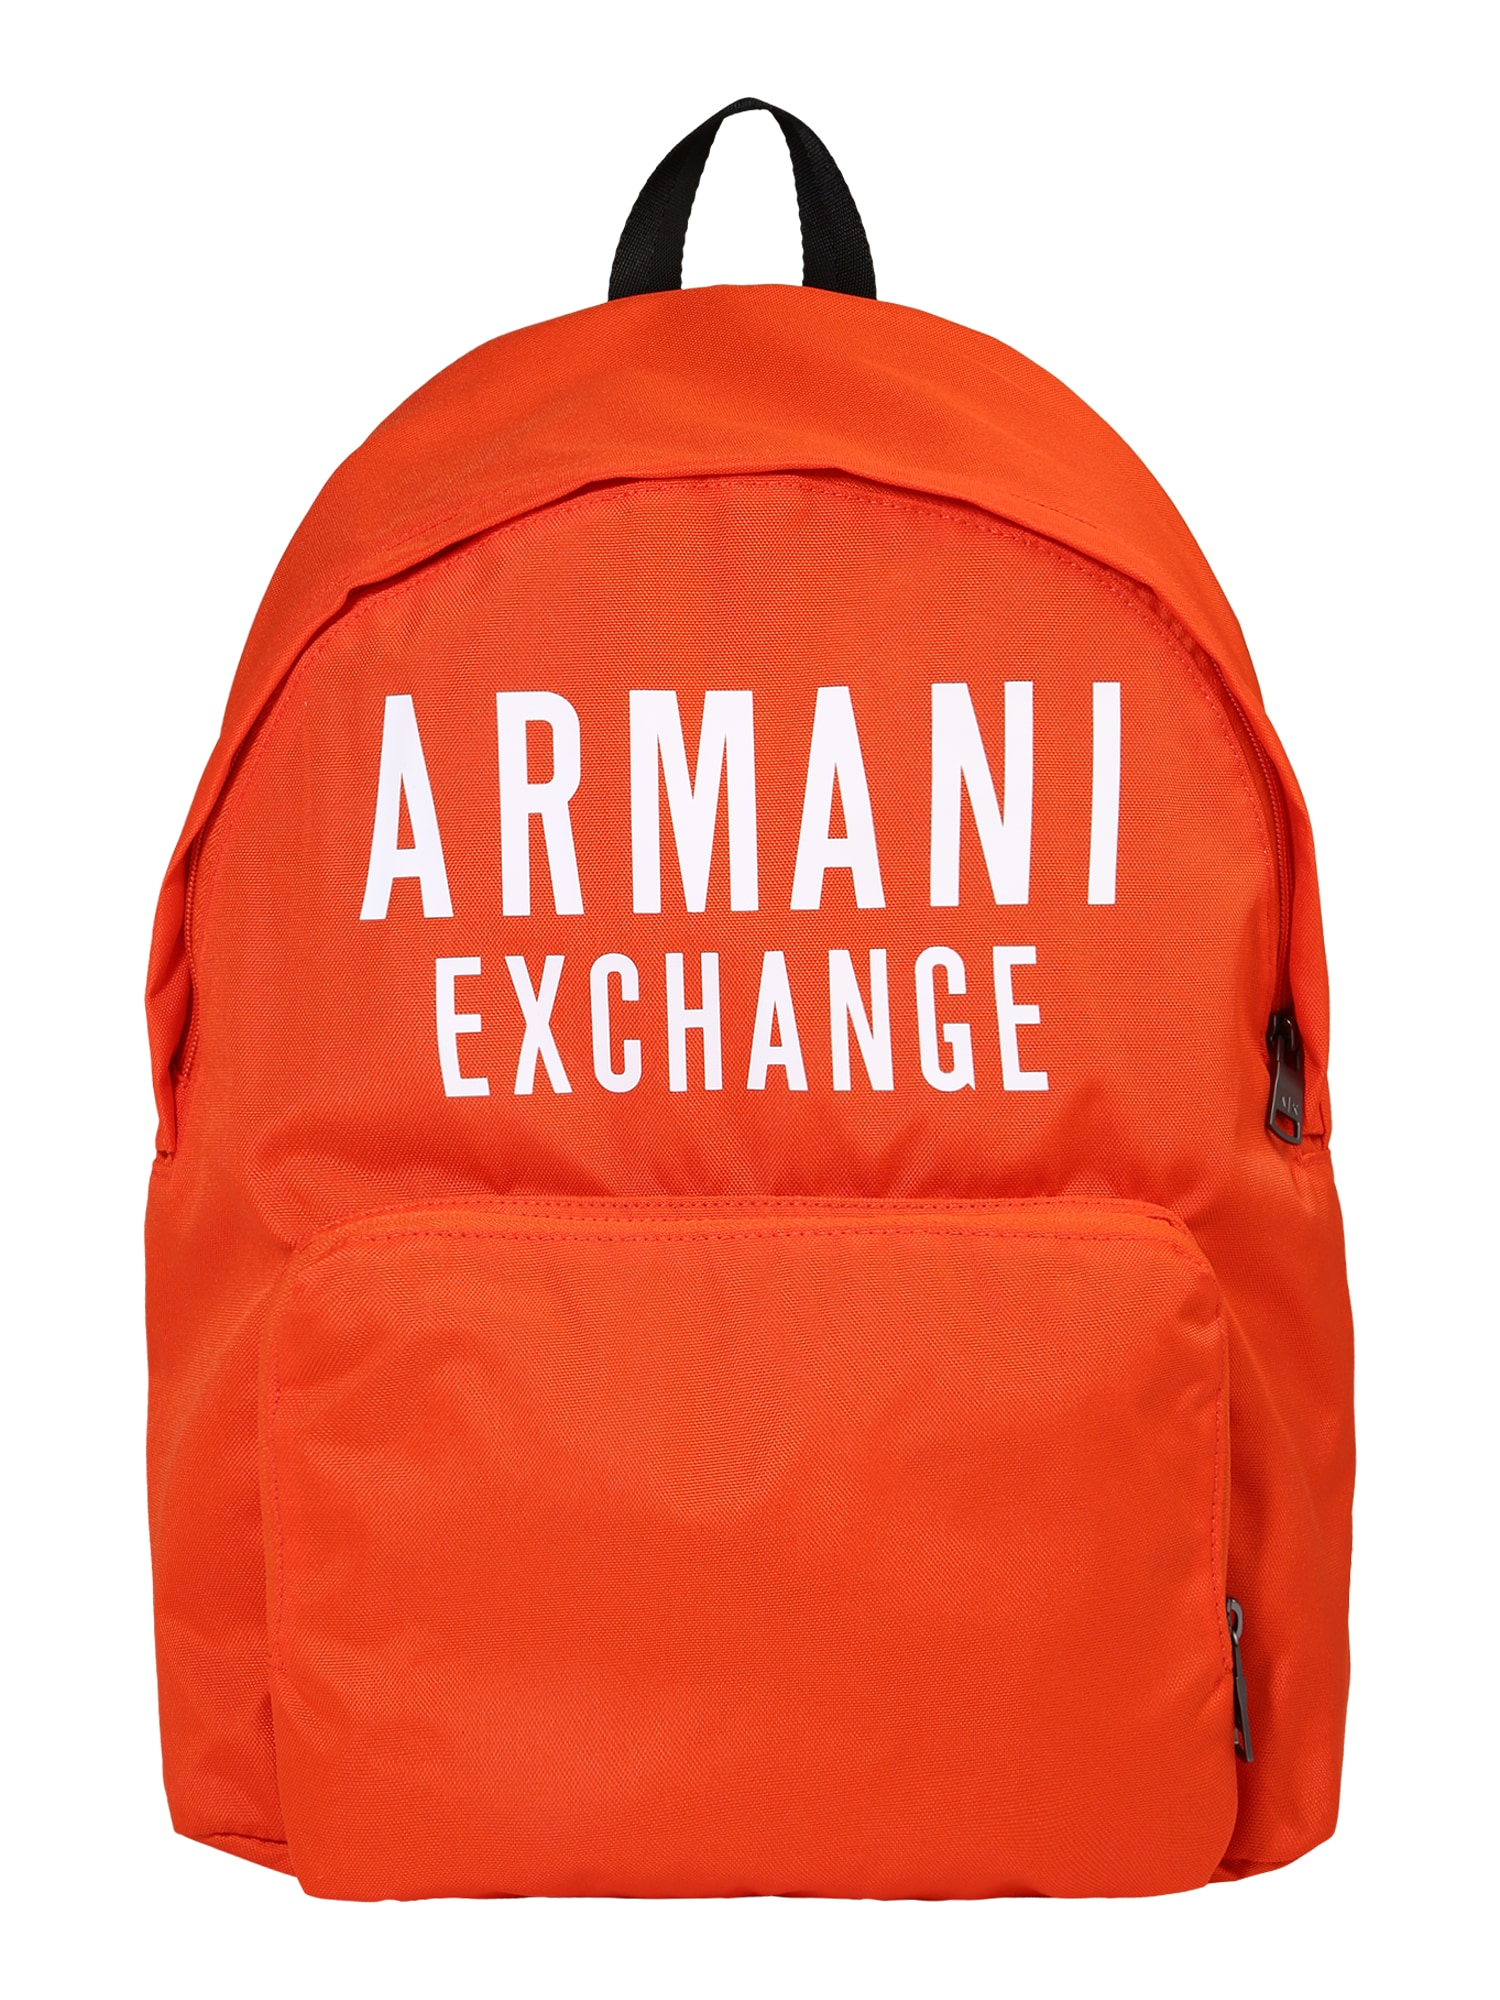 ARMANI EXCHANGE Kuprinė oranžinė / balta